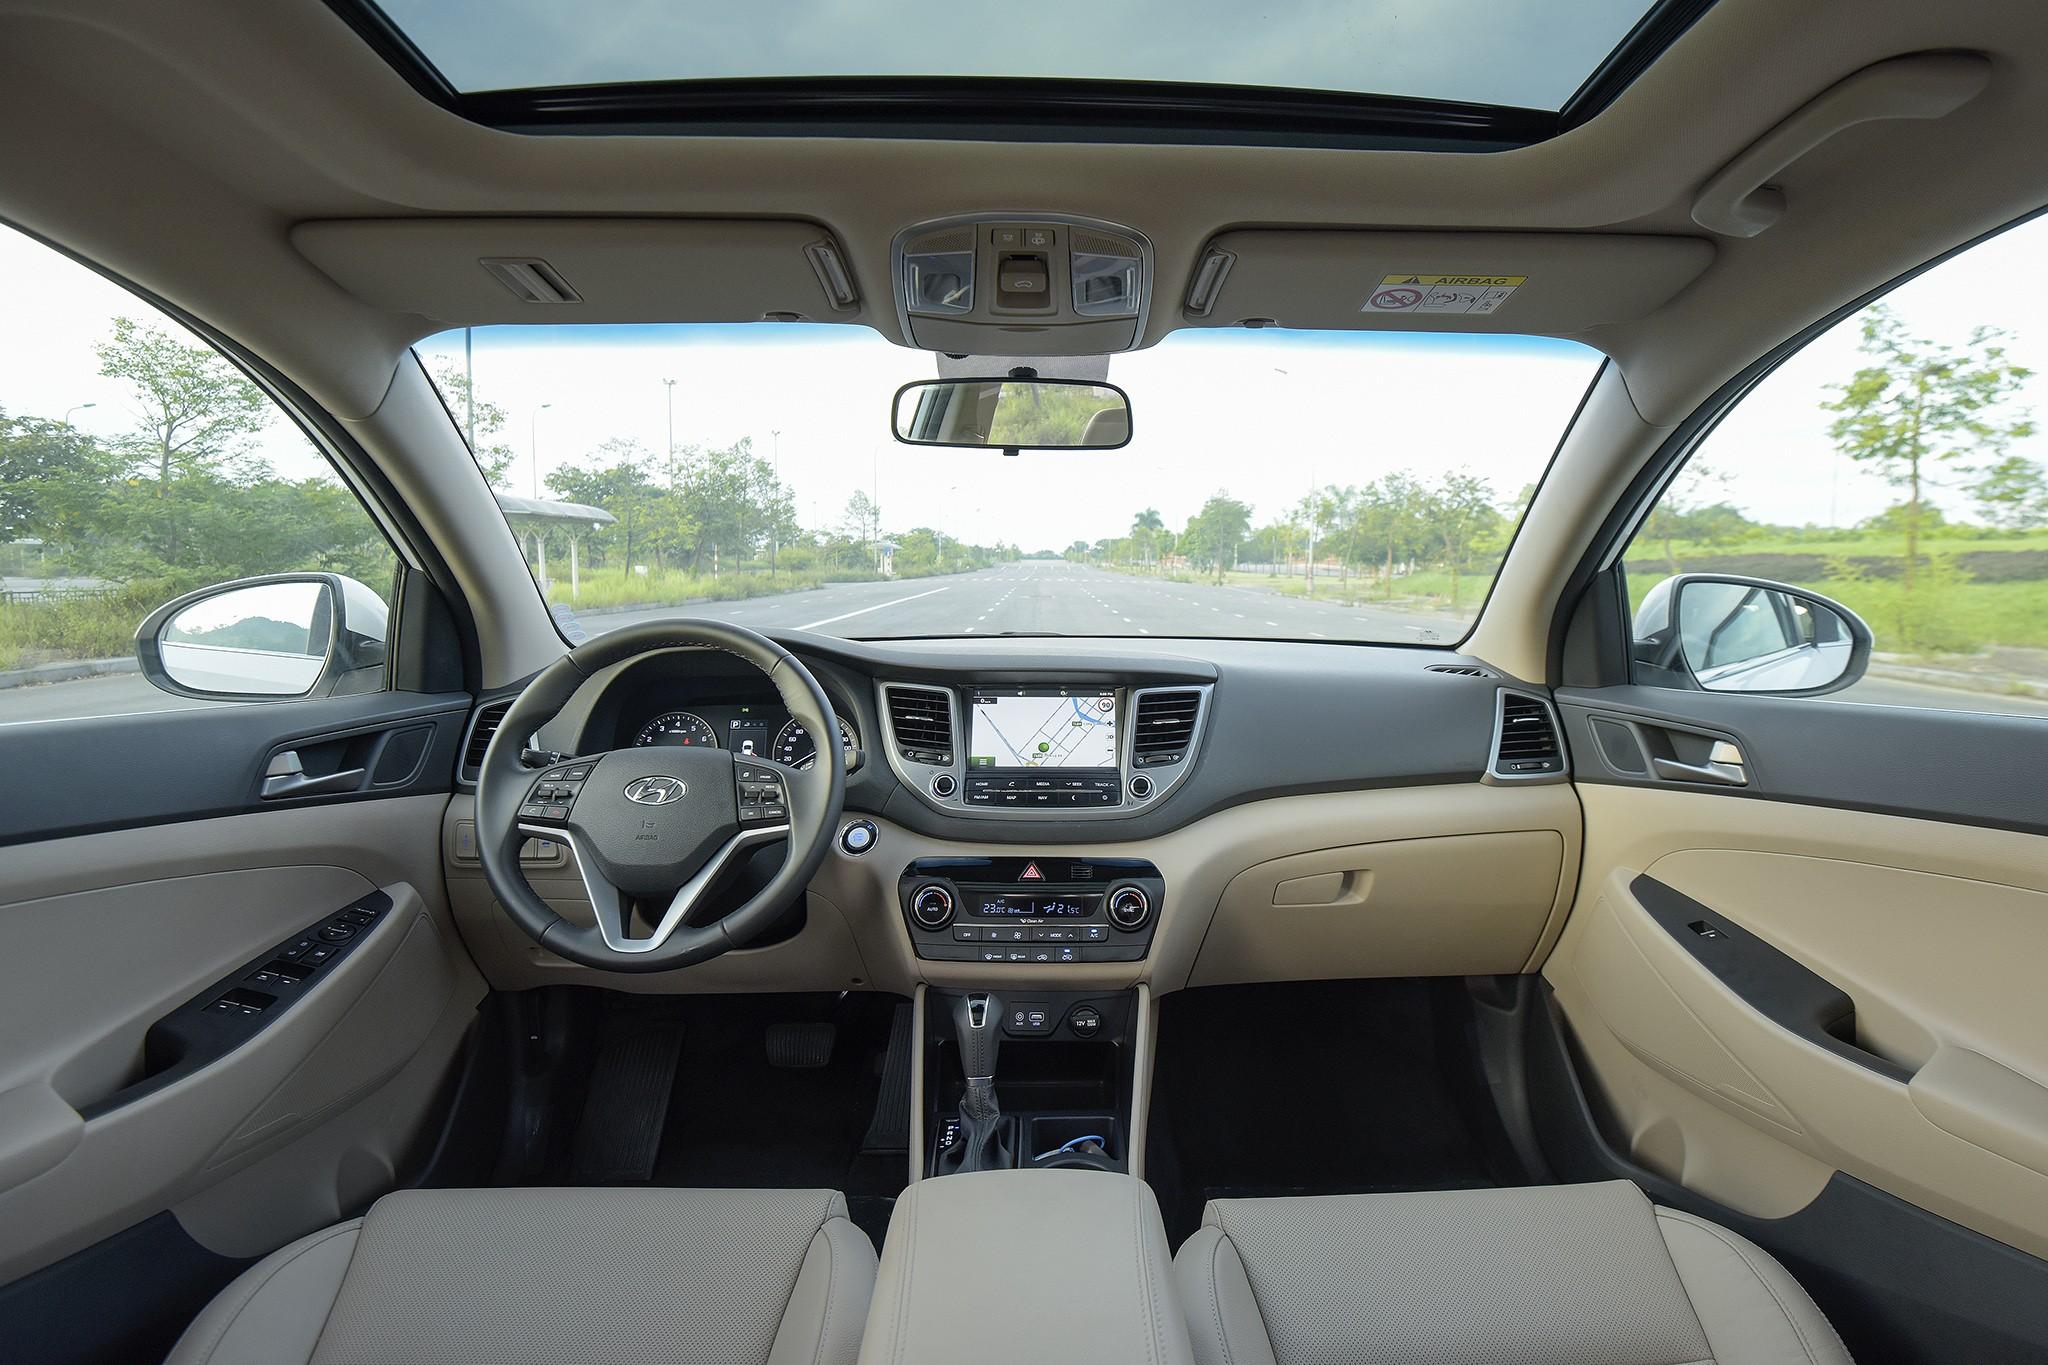 Xe++ - Hyundai Tucson 2017 liệu 'có cửa' với Honda CR-V và Mazda CX-5? (Hình 7).